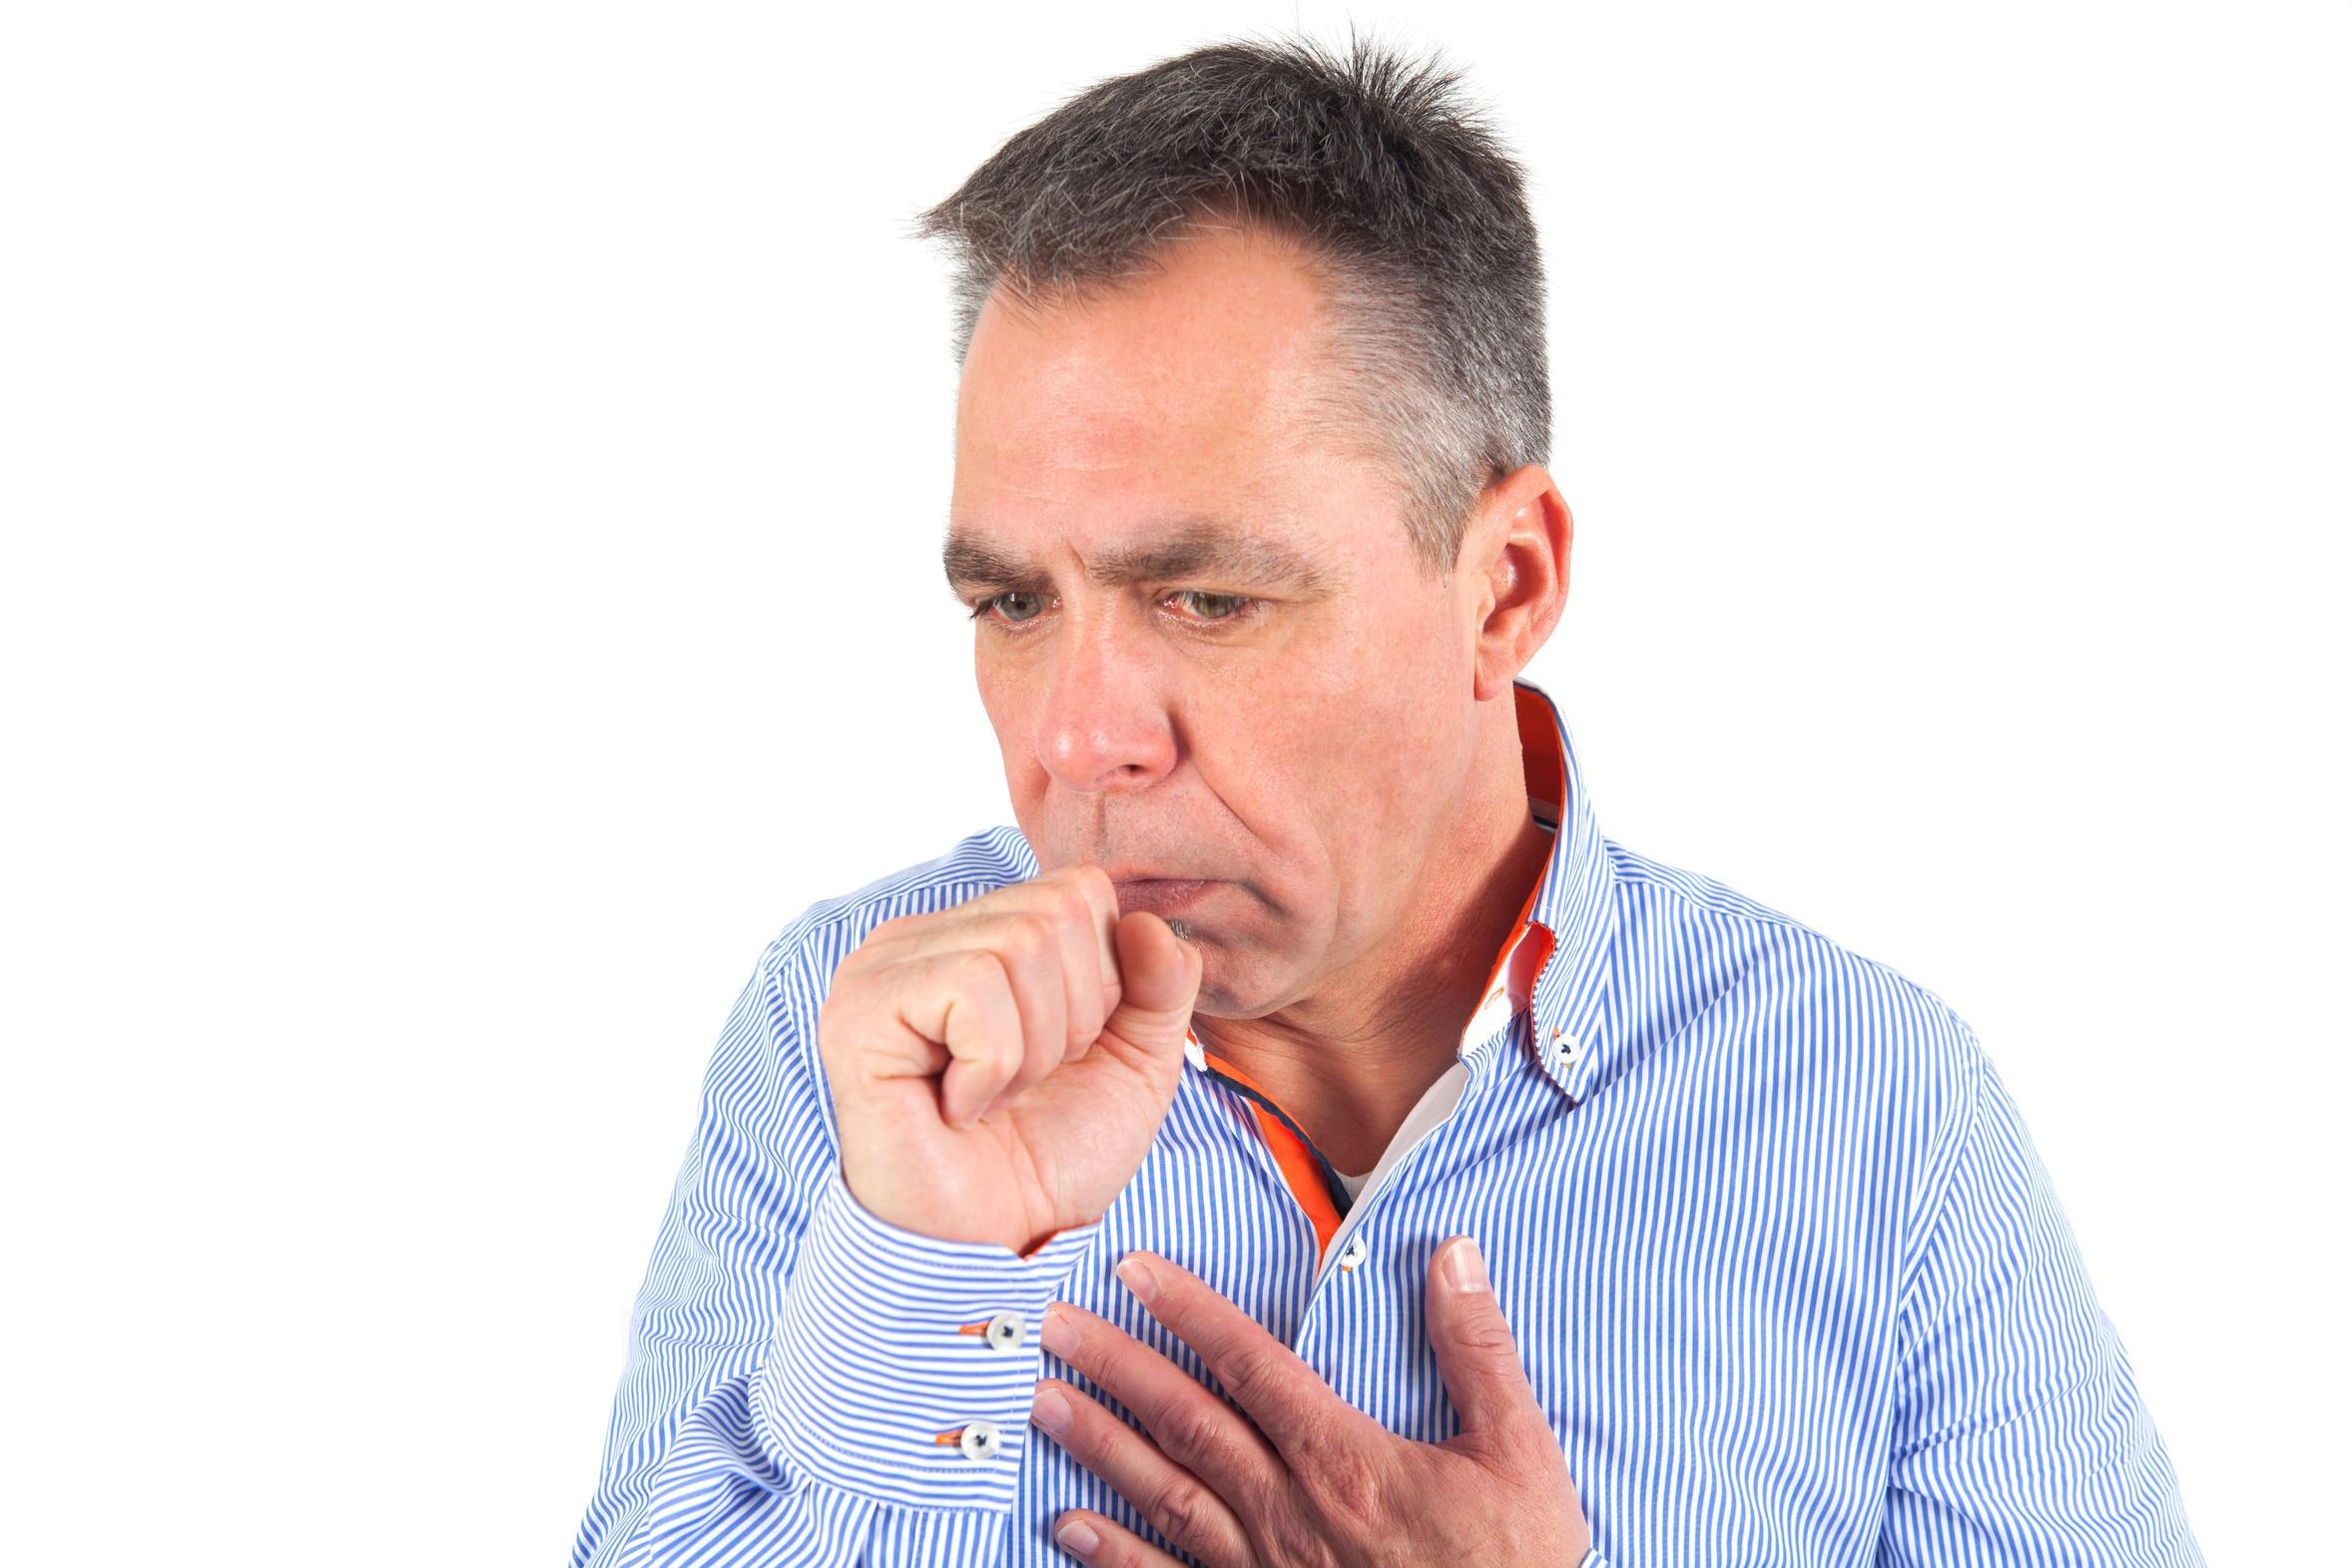 La tos y la dificultad respiratoria son síntomas de la bronquitis.